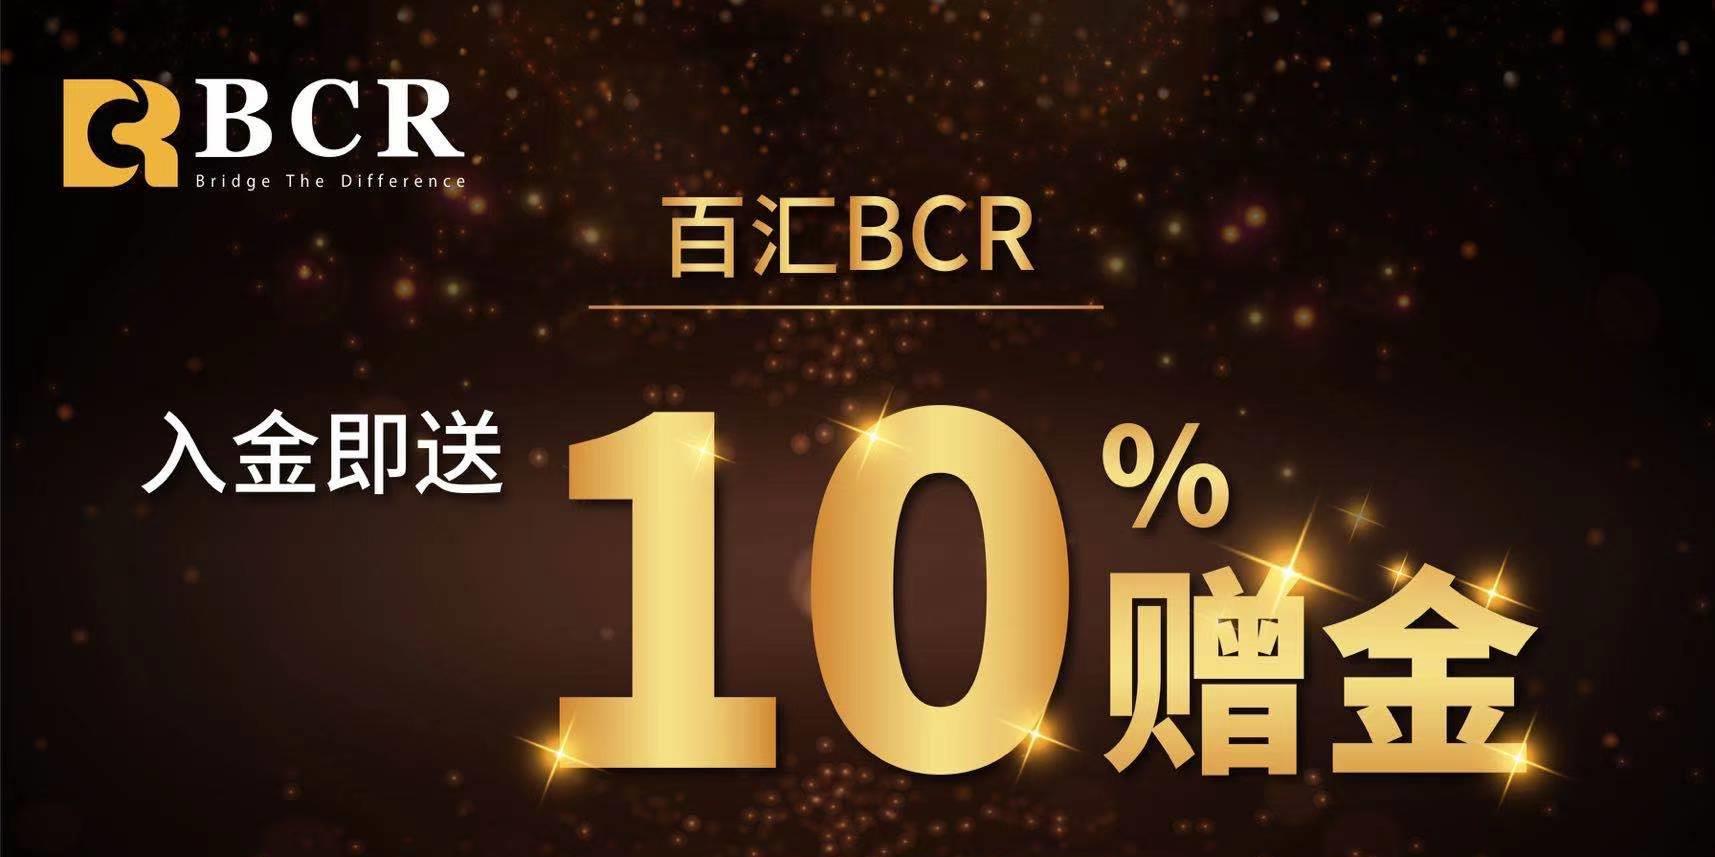 重磅消息!百汇BCR入金即送10%赠金,机不可失!